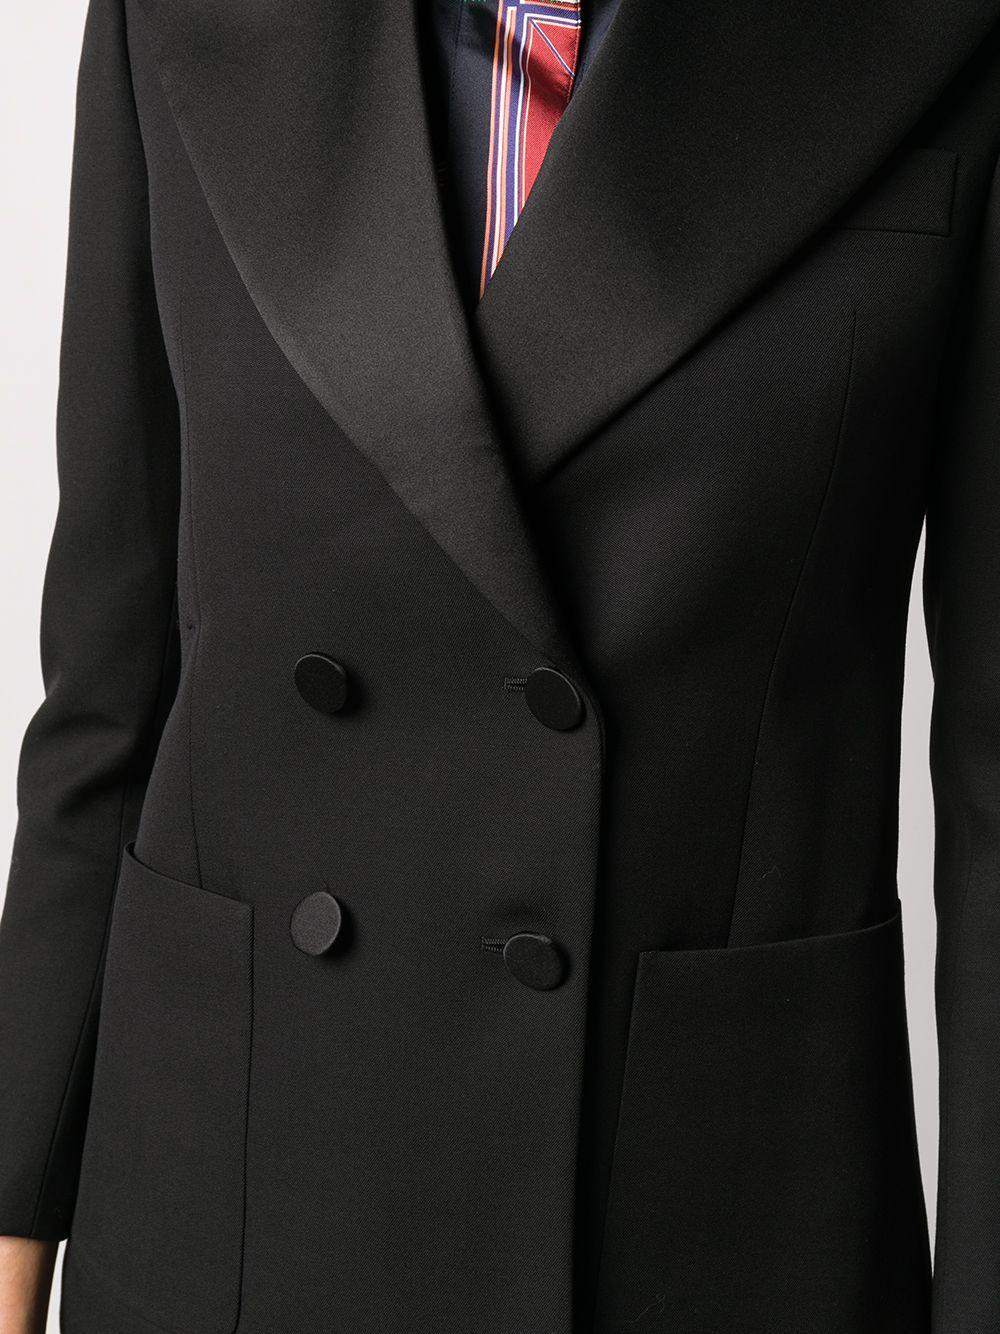 Saint Laurent chaqueta de esmoquin con doble botonadura